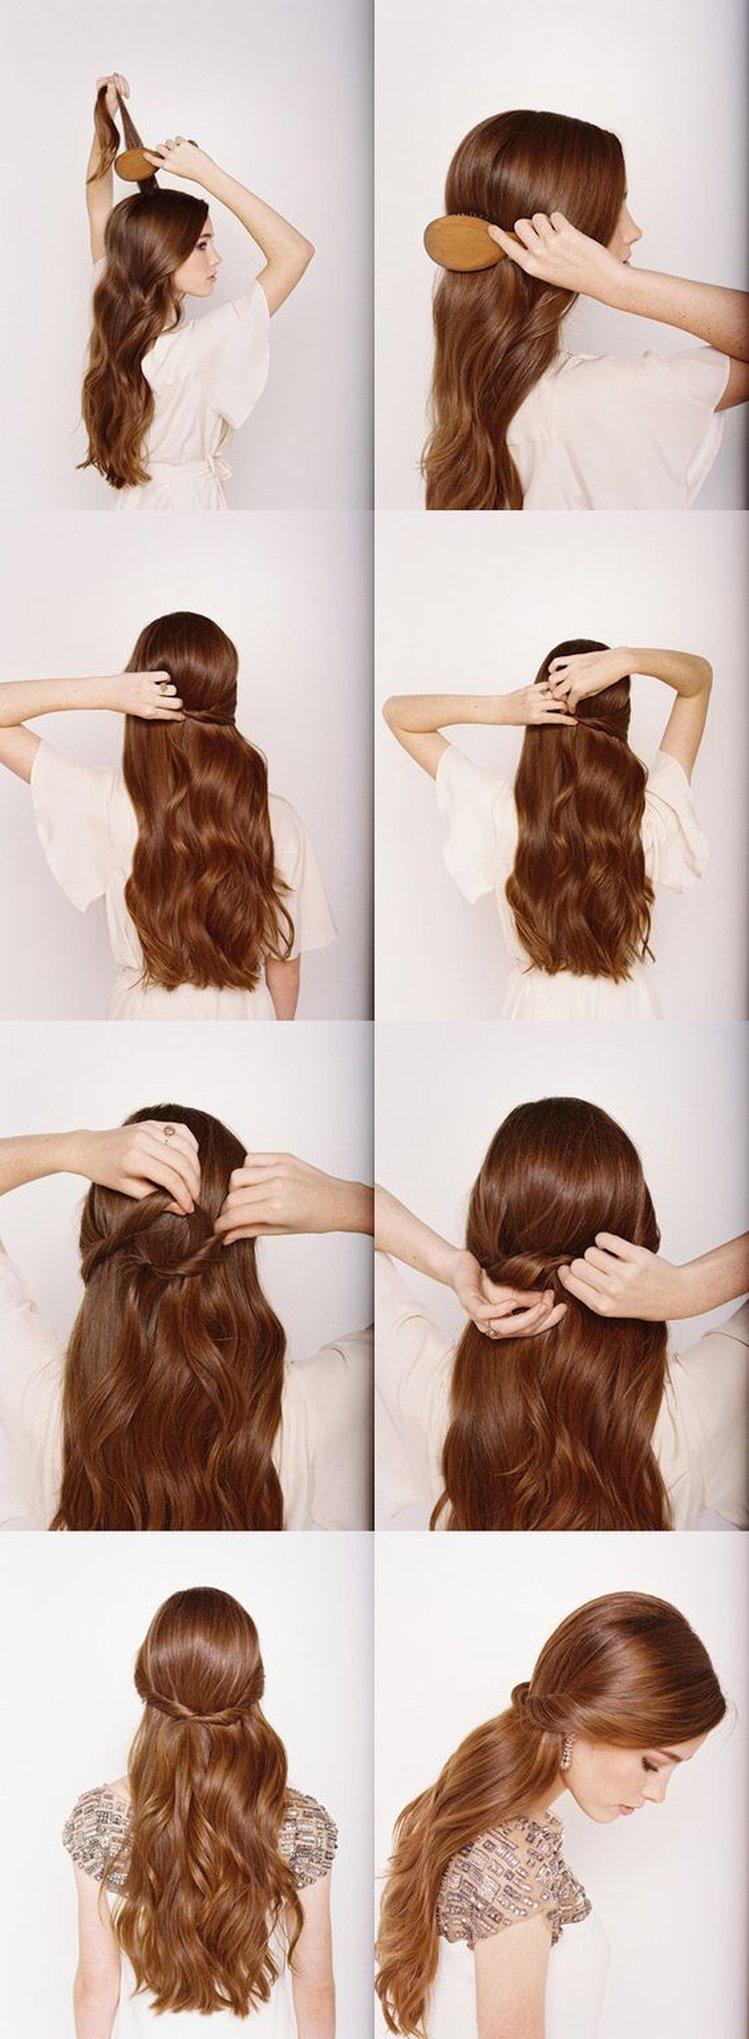 Простые красивые причёски на длинные волосы своими руками фото пошагово 52